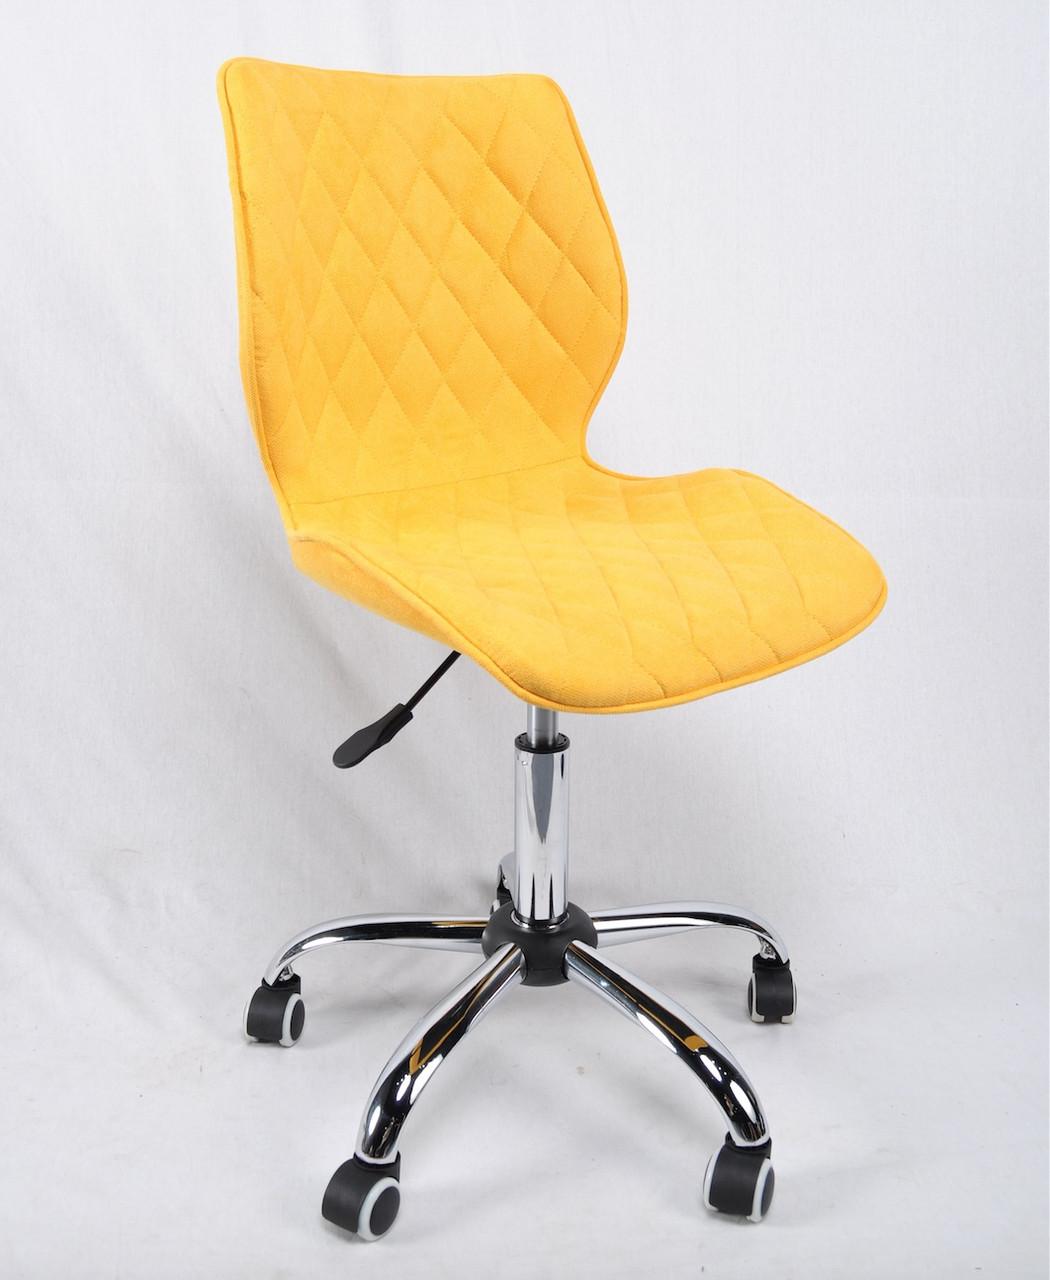 Стул Тони TONI CH-Office желтая ткань, на колесах